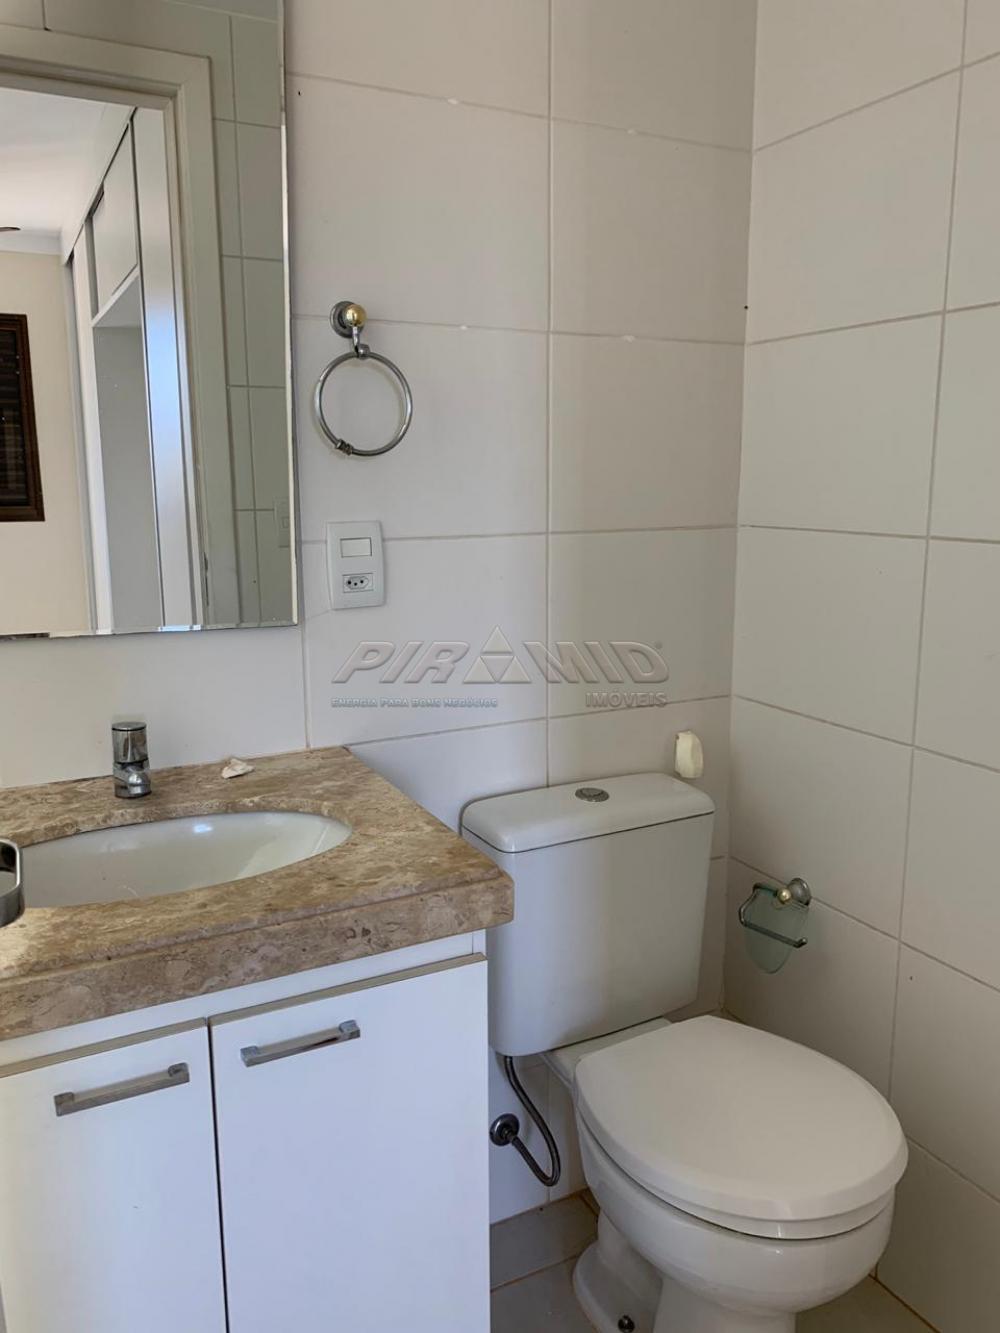 Alugar Apartamento / Padrão em Ribeirão Preto R$ 1.500,00 - Foto 9